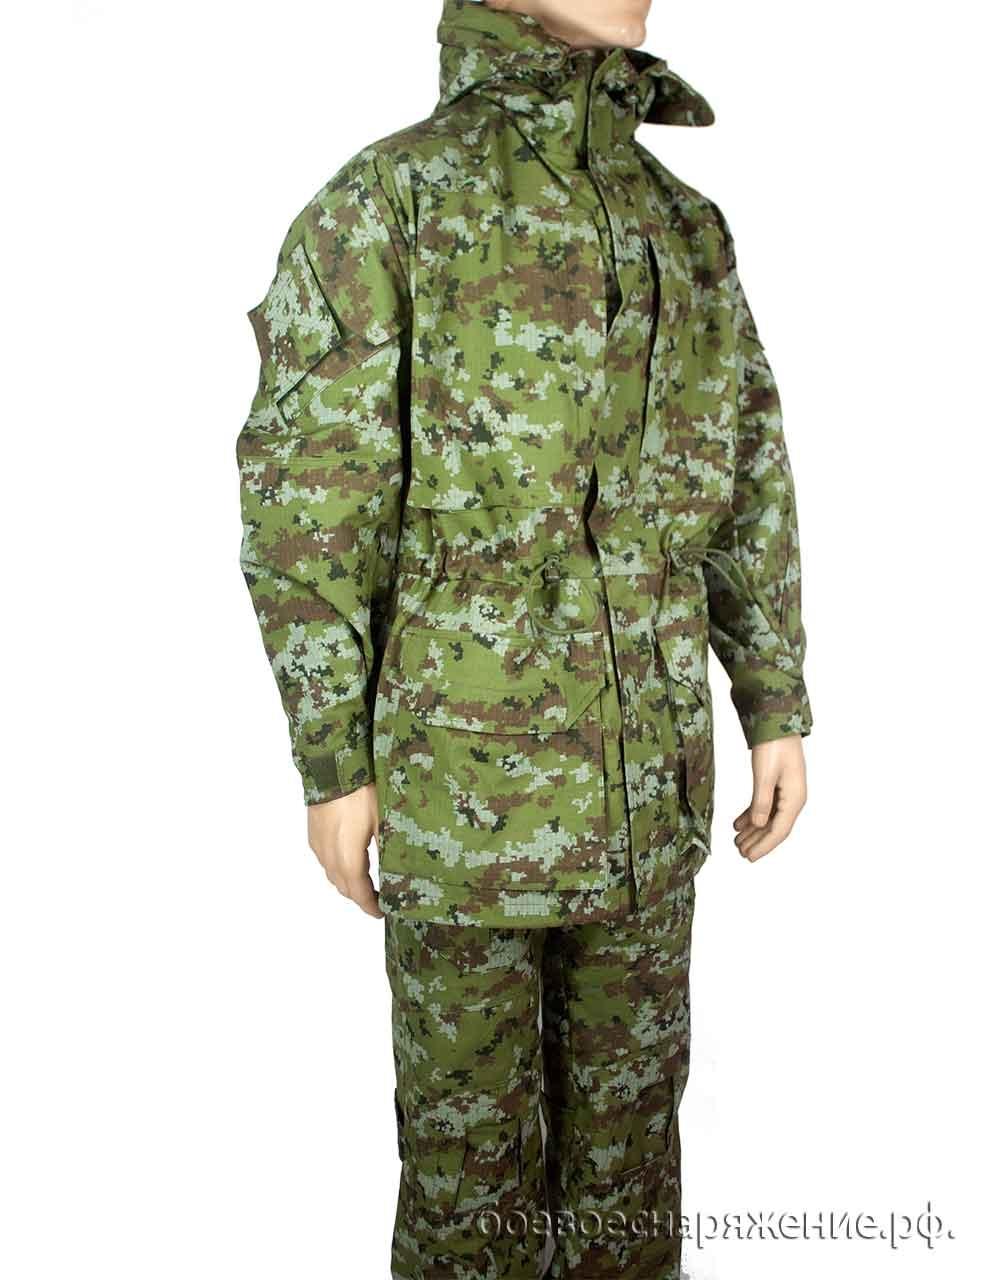 Куртка парка камуфляжная тактическая FCP, камуфляж пограничник, Куртки - арт. 1146590156